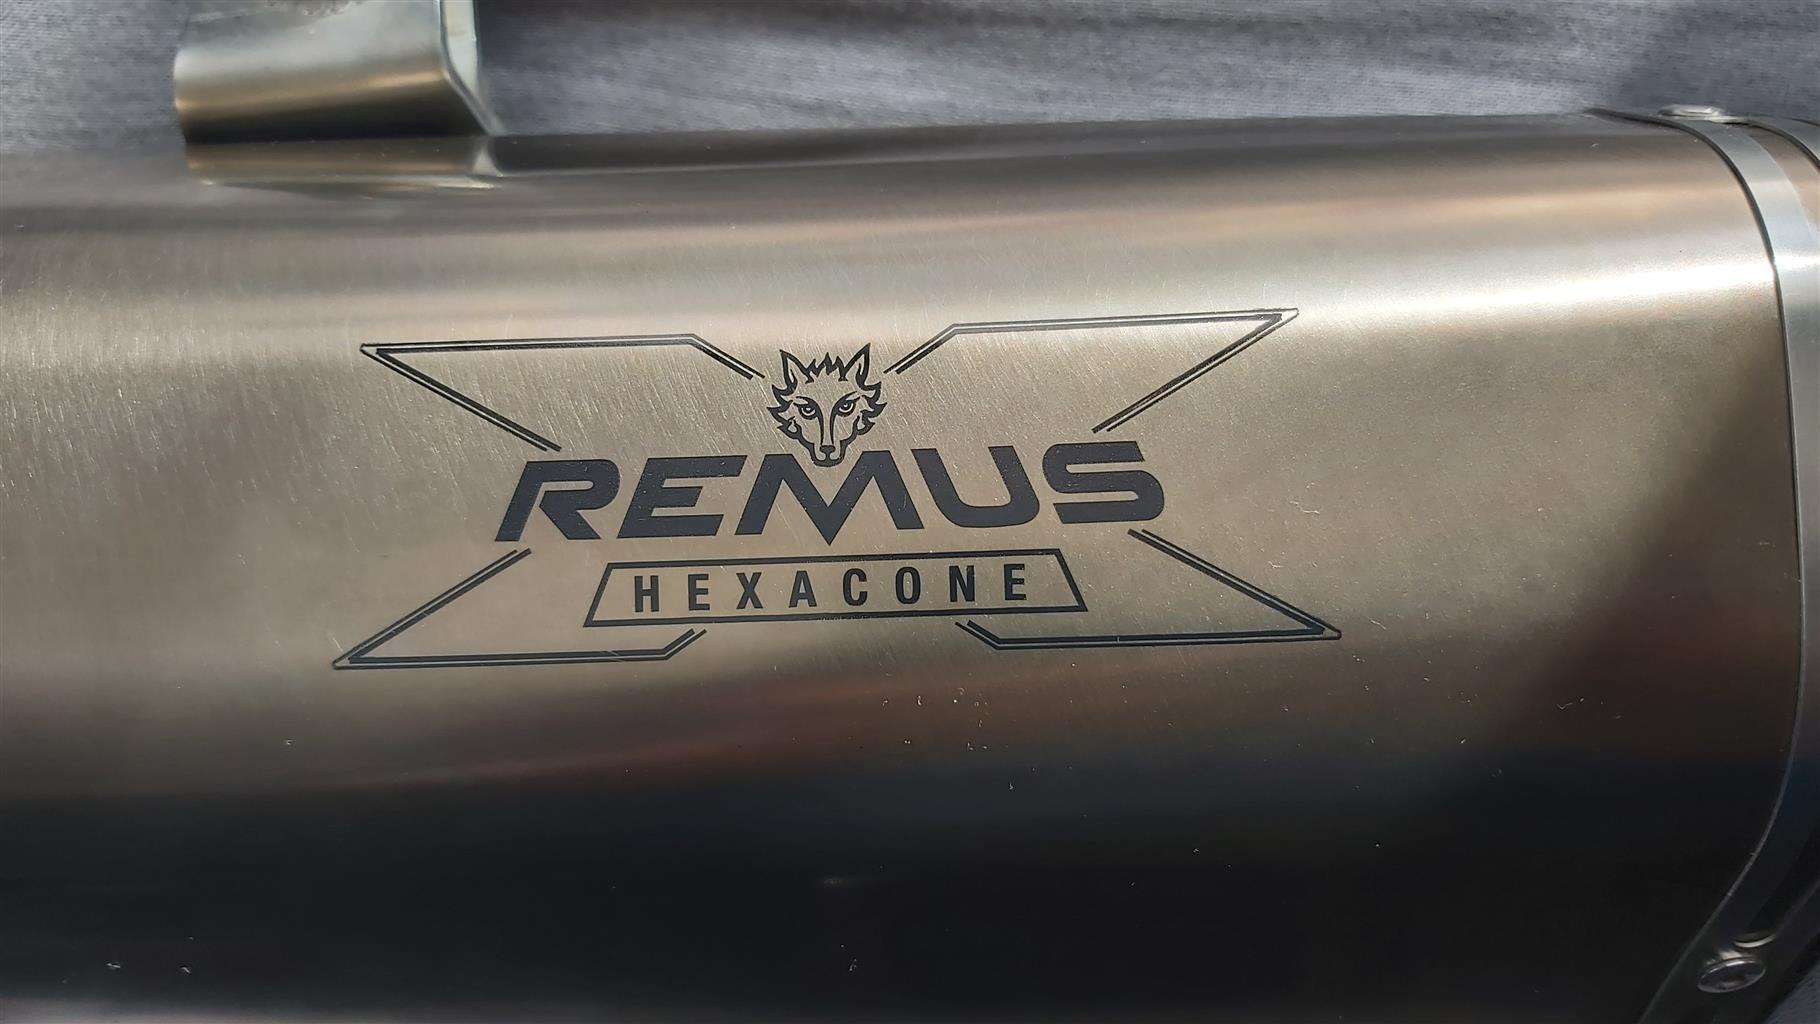 Remus Hexacone titanium slip on